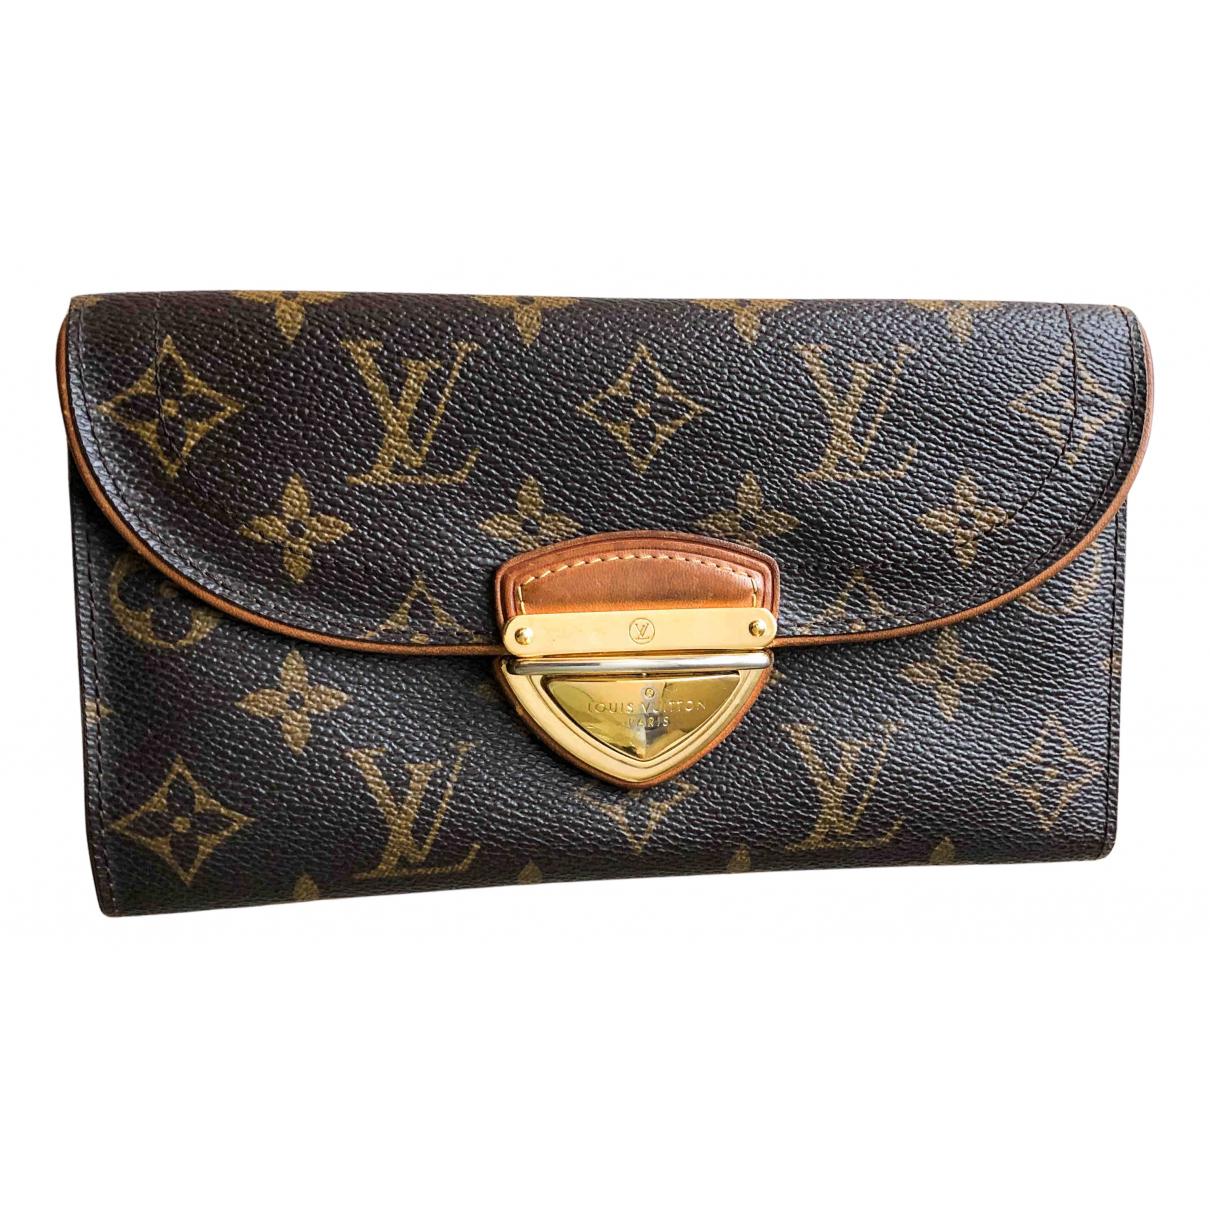 Louis Vuitton - Portefeuille Eugenie pour femme en toile - marron